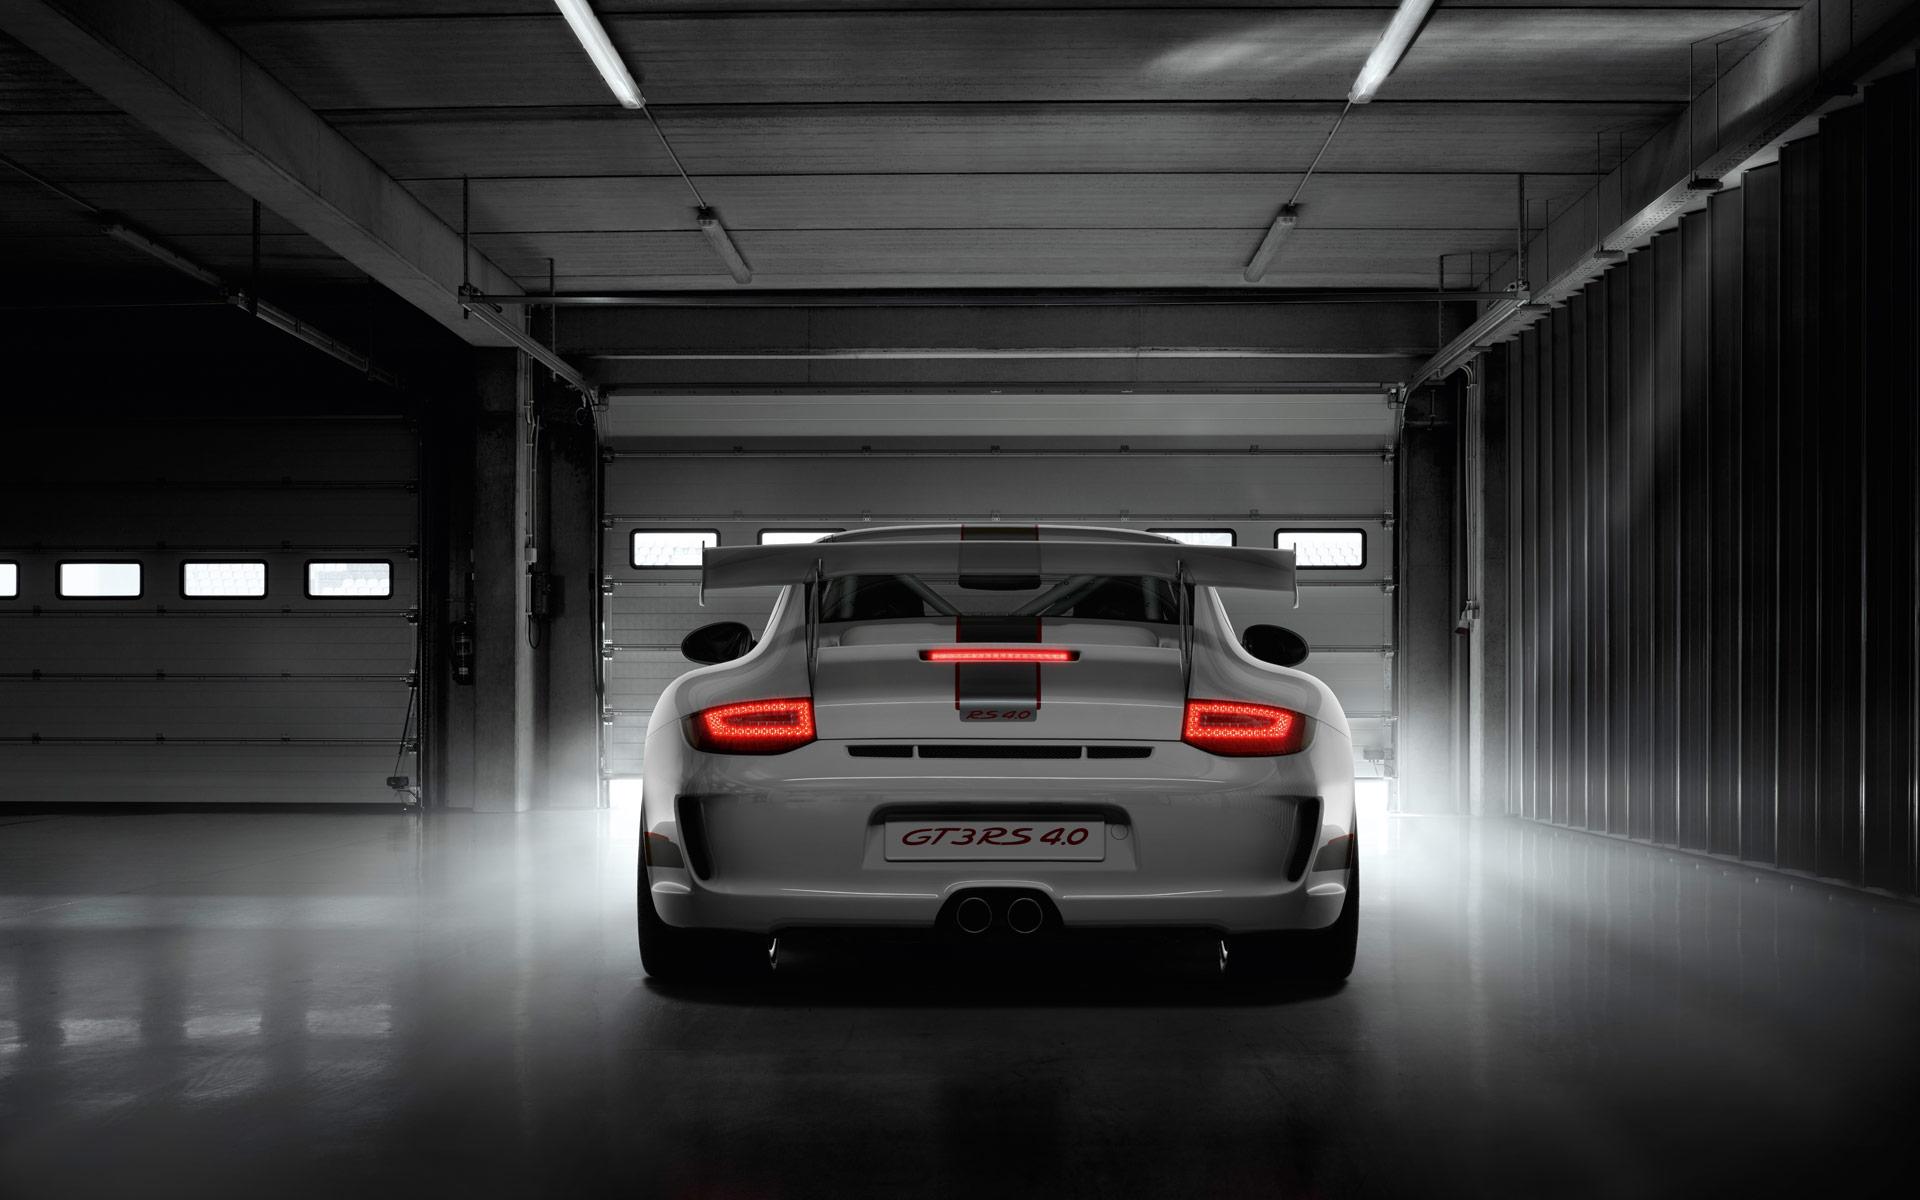 Porsche Gt3 Wallpaper 1920x1200 60822